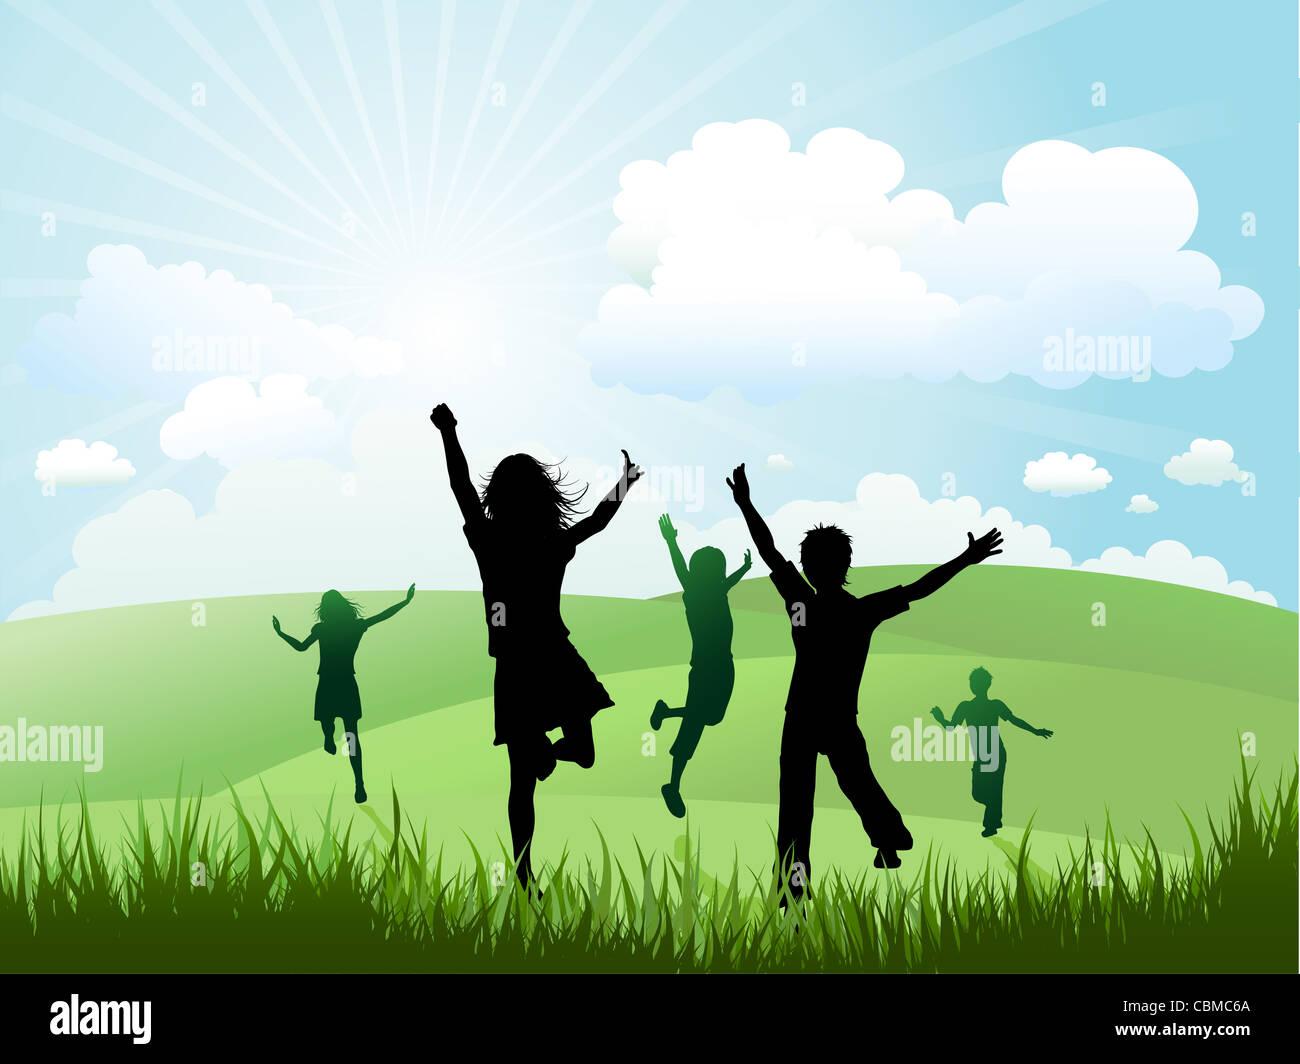 Las siluetas de los niños corriendo y jugando en una colina Imagen De Stock